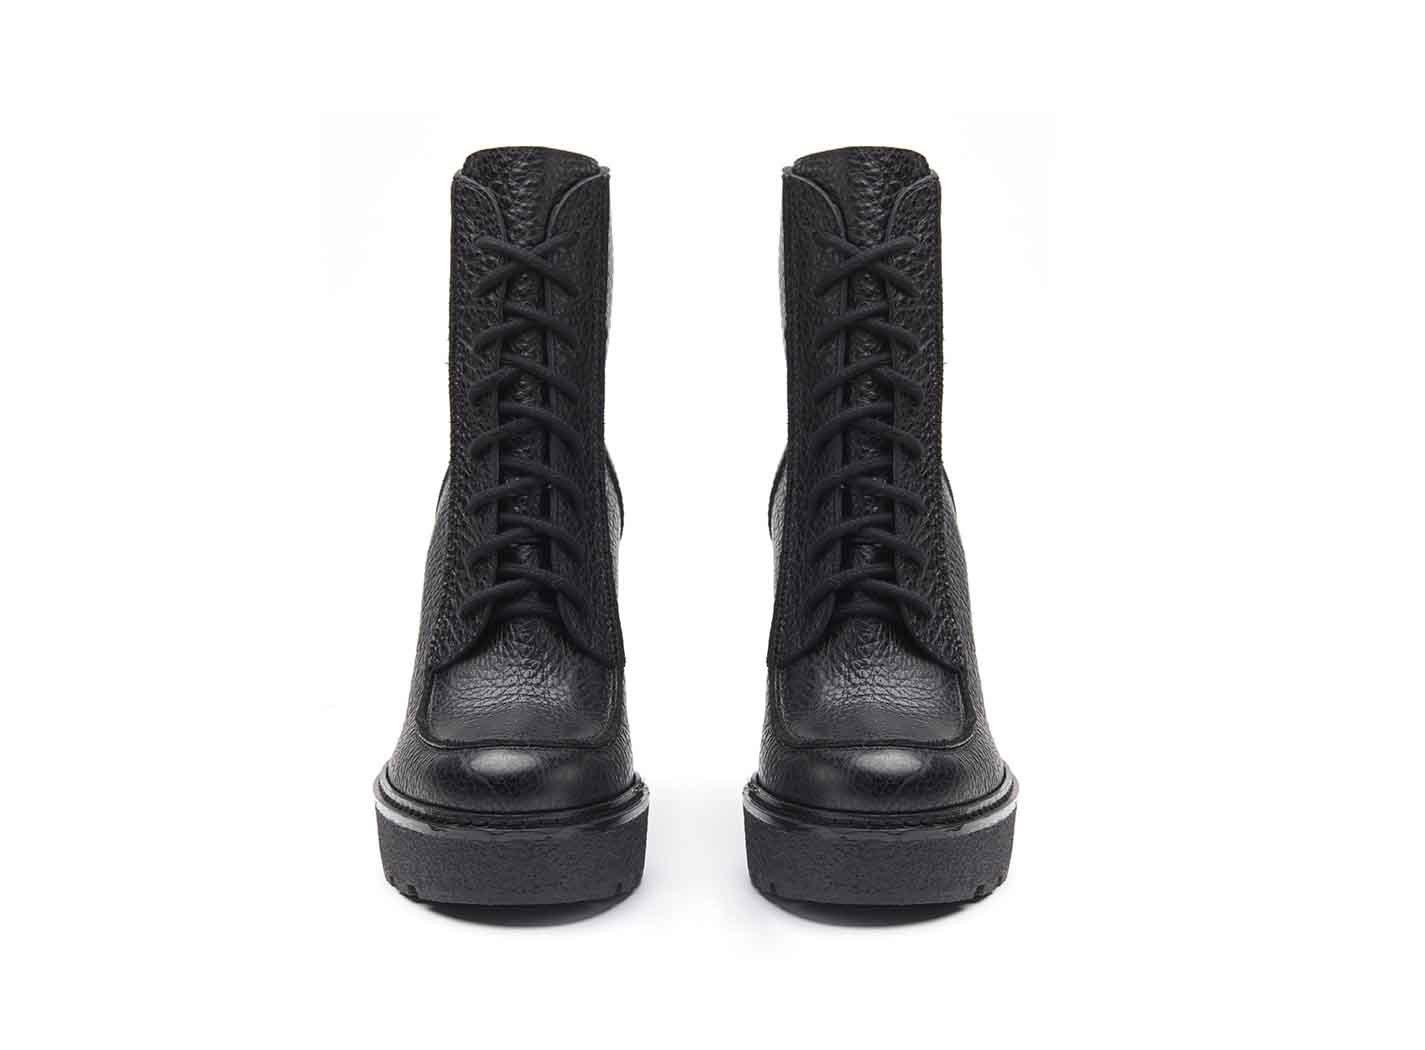 cuir plateforme aspect en revêtu cuir crêpe talon noir Bottines et à avec de lacets EDH9I2